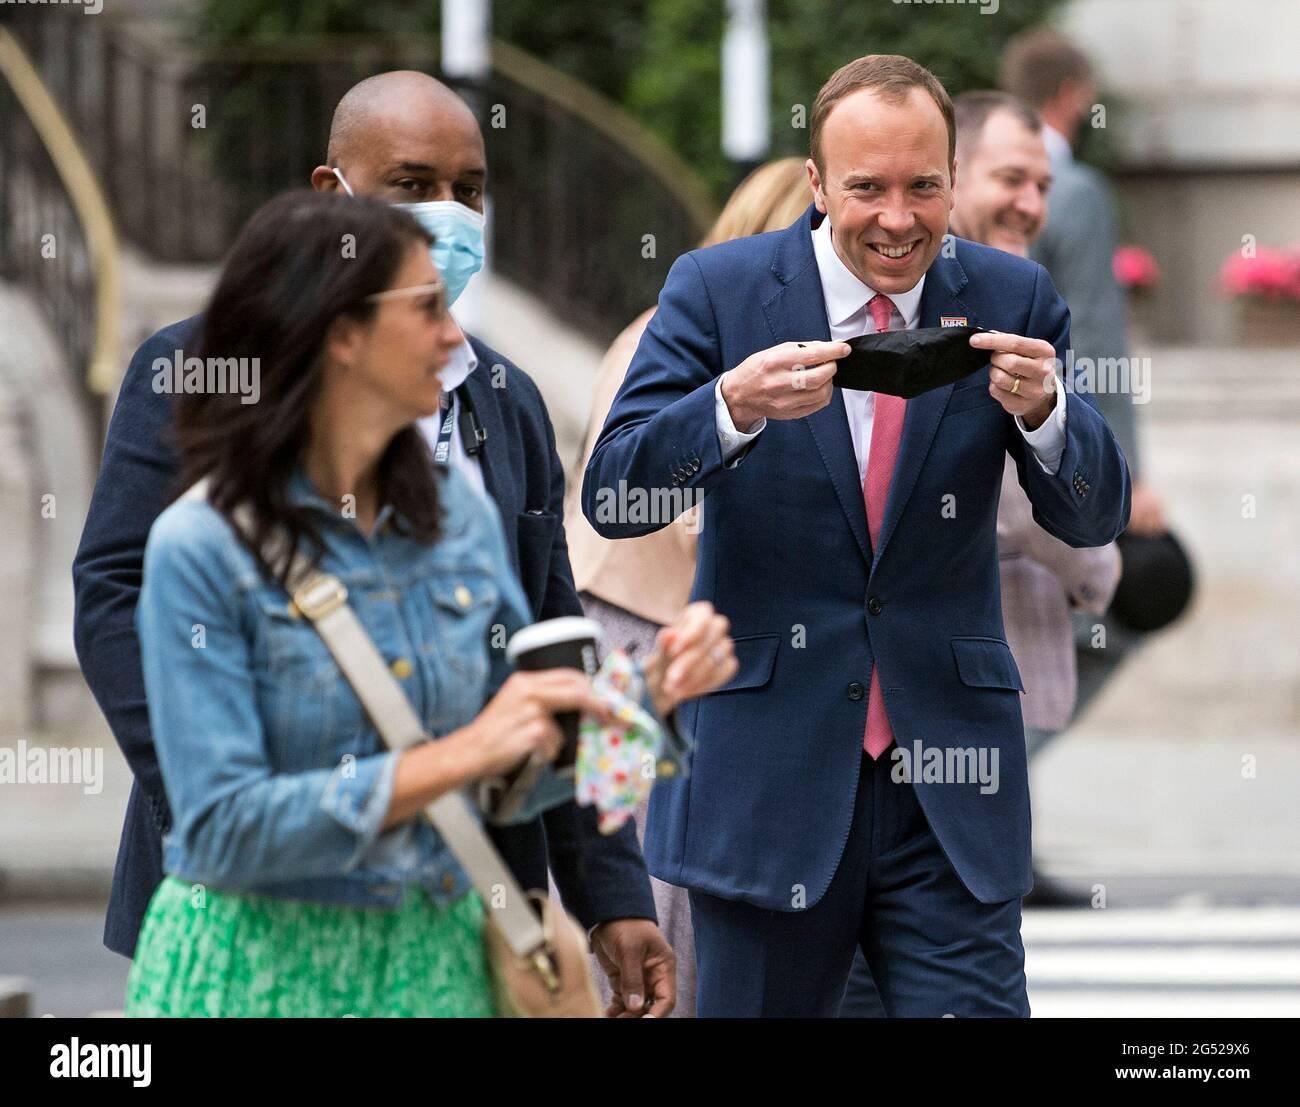 London, Großbritannien. Juni 2021. Gina Coladangelo (links) mit dem  Gesundheitsminister Matt Hancock im BBC Broadcasting House im Zentrum von  London, wo der Gesundheitsminister auf der Andrew Marr Show auftrat.  Heiath-Sekretär Matt Hancock